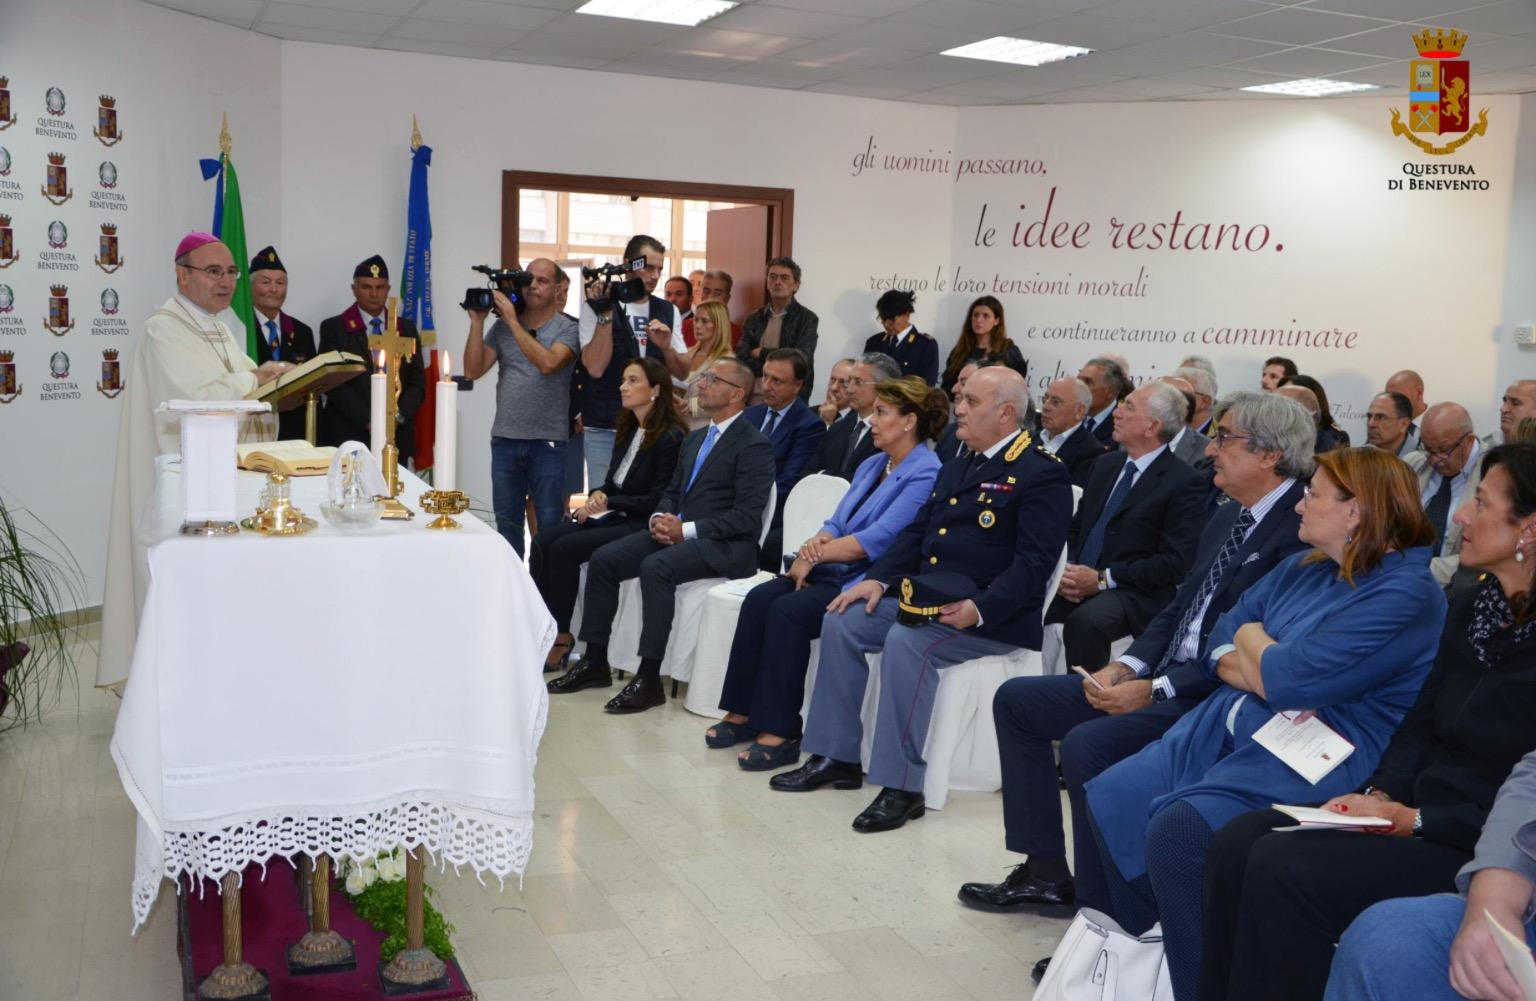 Inaugurata la sala conferenze della Questura di Benevento nella Festa del patrono San Michele